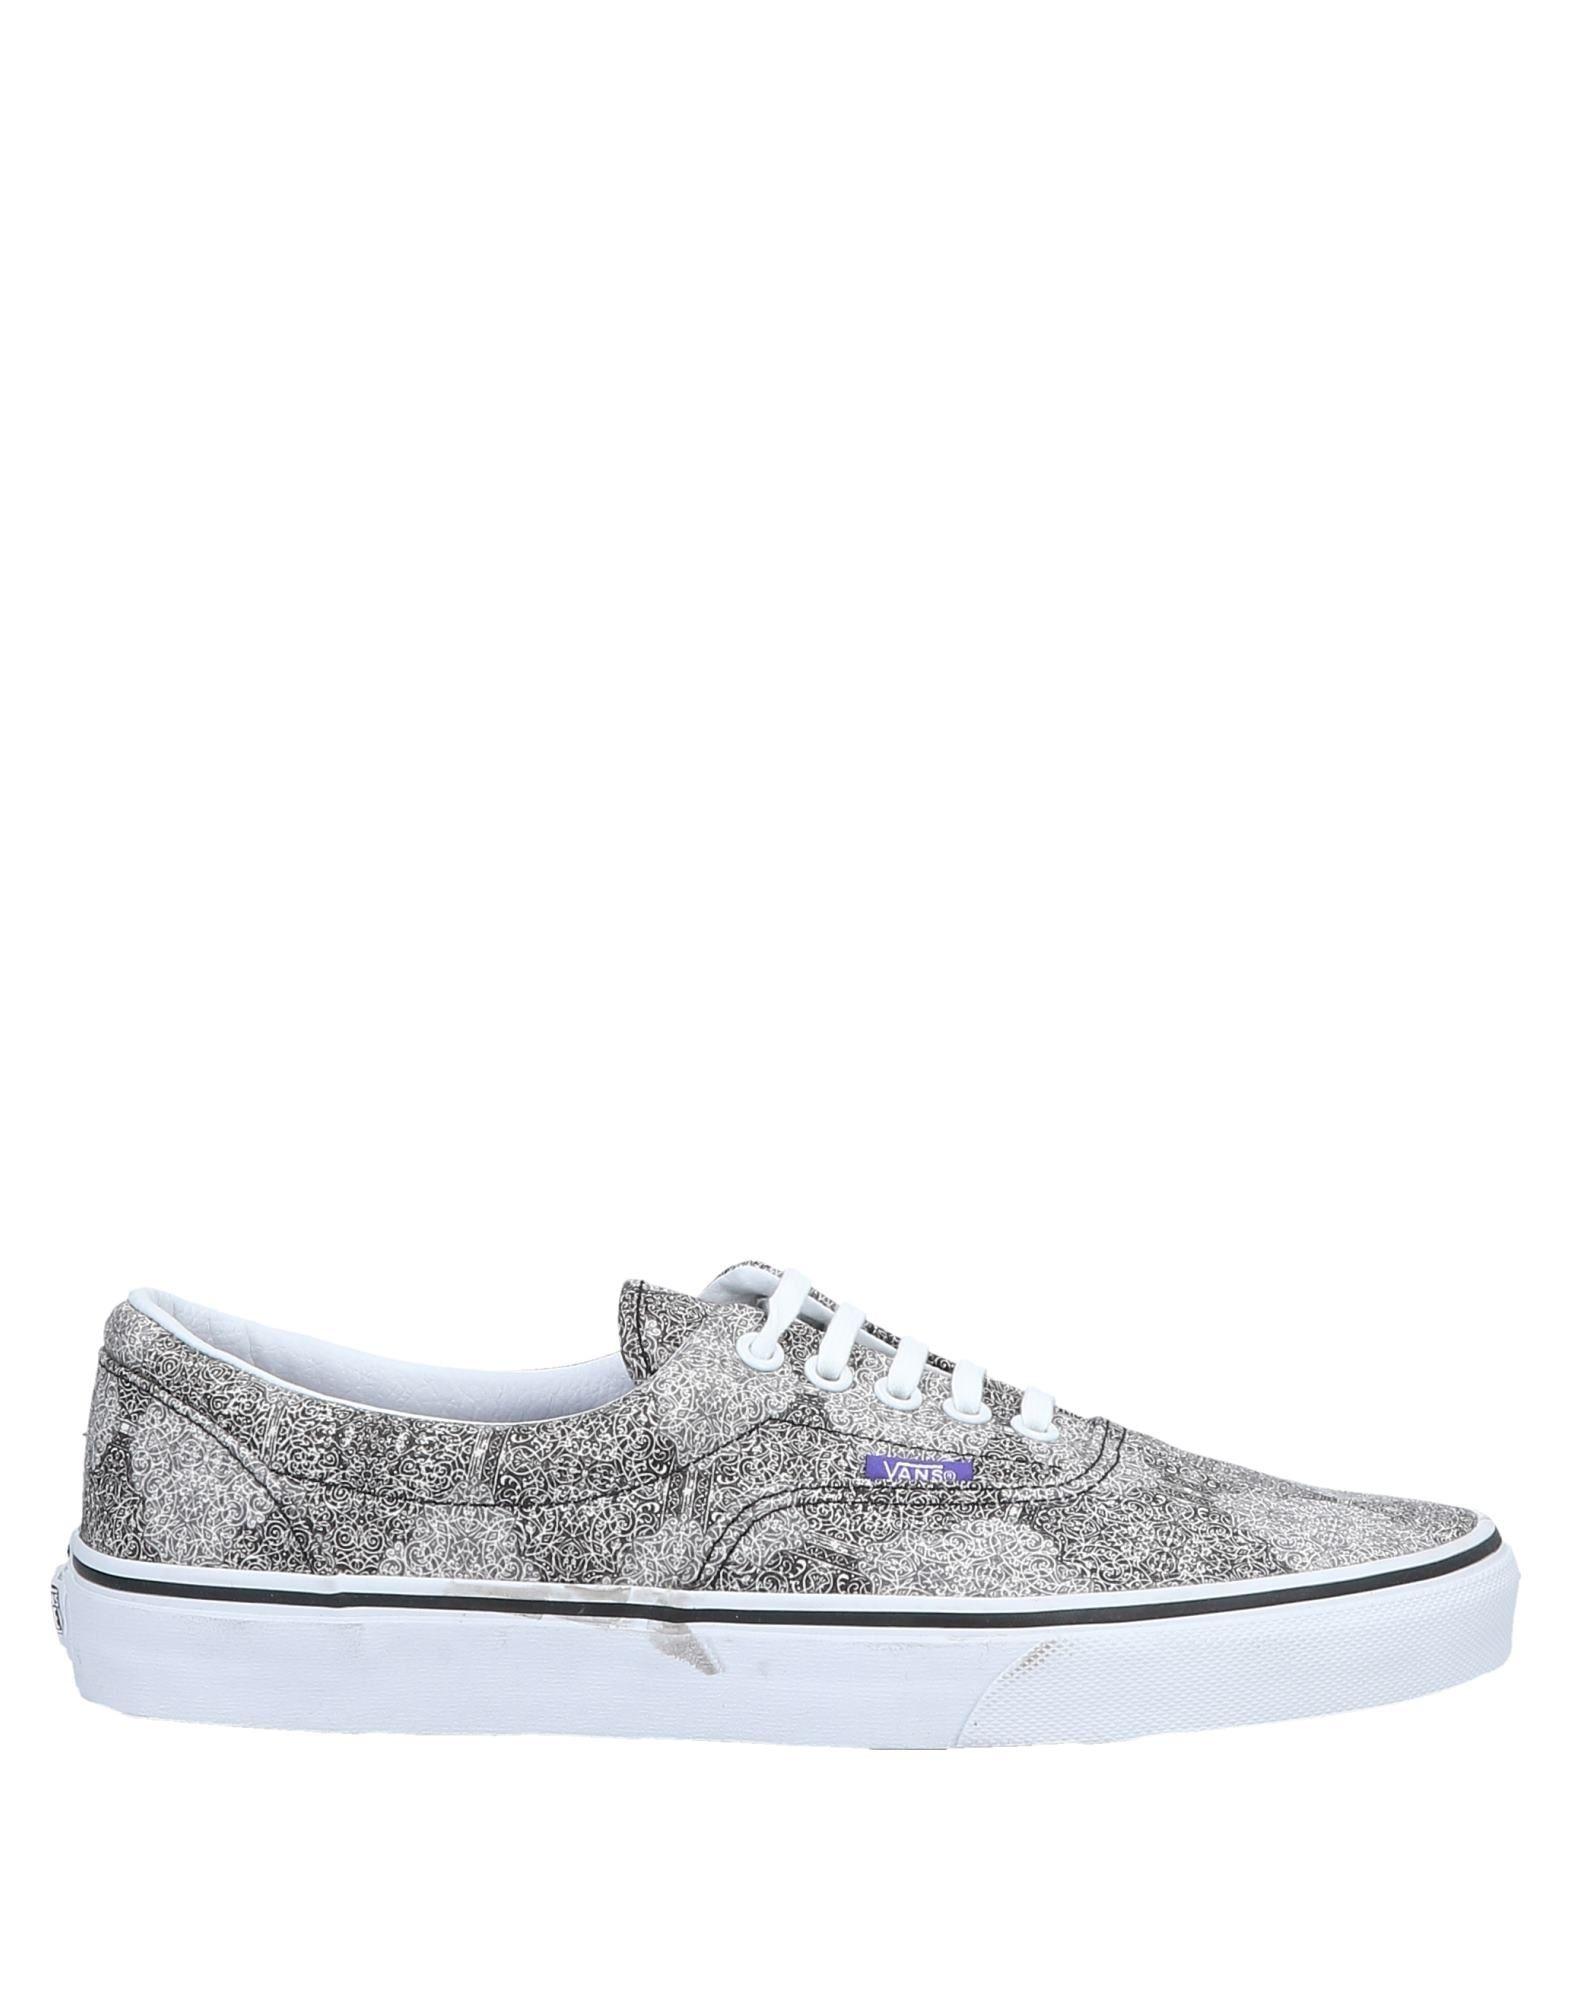 Vans Sneakers - Men Vans Sneakers online - on  United Kingdom - online 11571500KX 864044